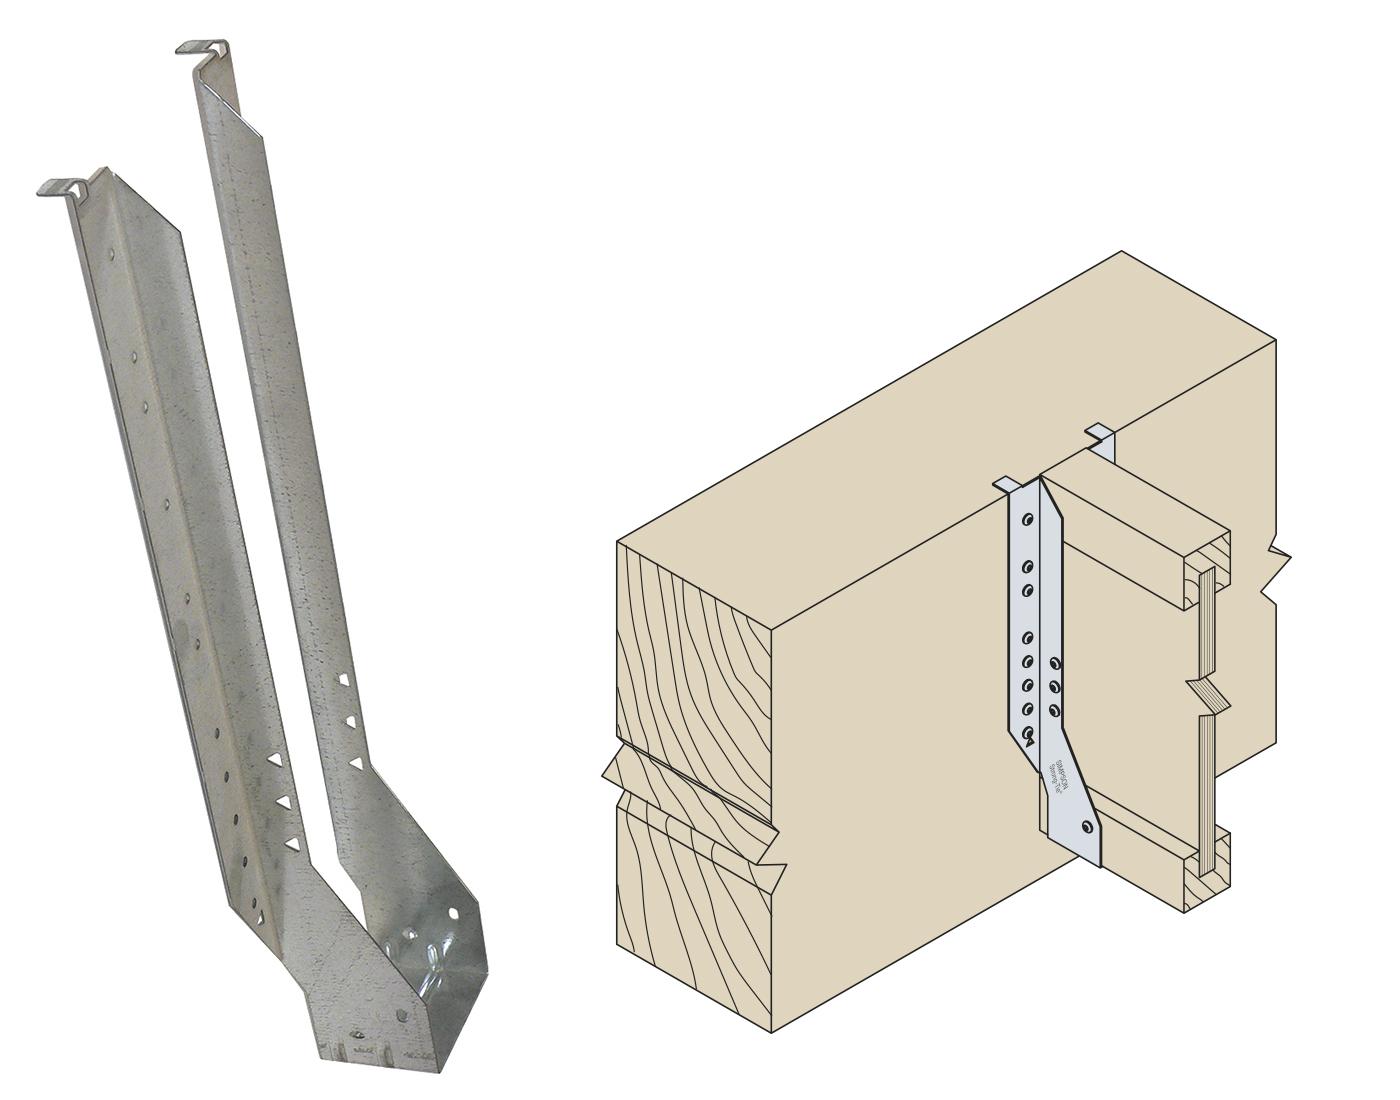 df7f519c4e0d Standard beslag til I-bjælken. SIMPSON STRONG - TIE BJÆLKESKO IUSE199 48